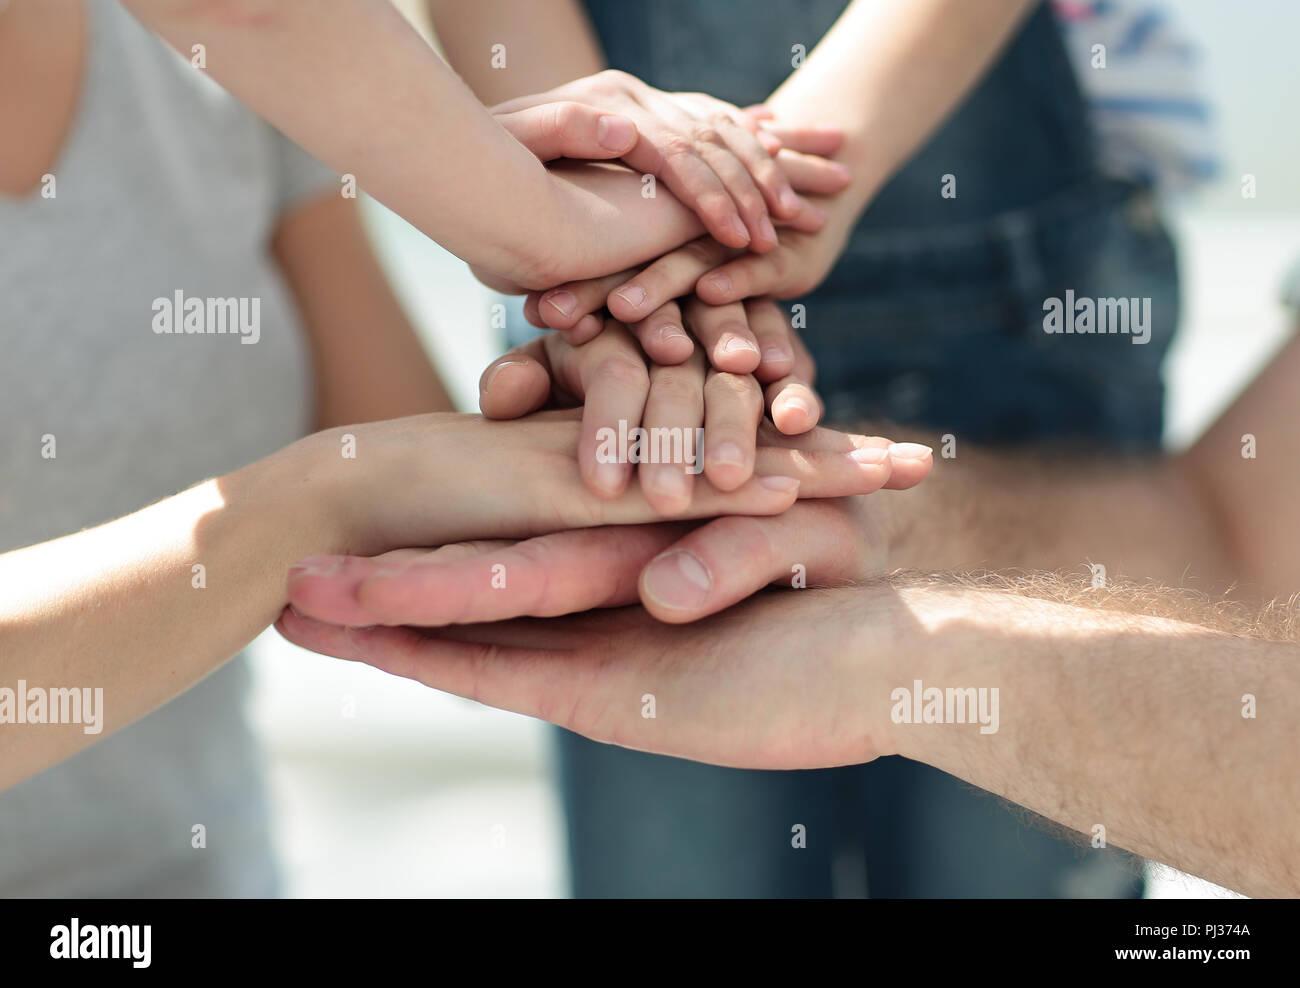 Bis zu schließen. Familie Hände zusammen gefaltet Stockbild